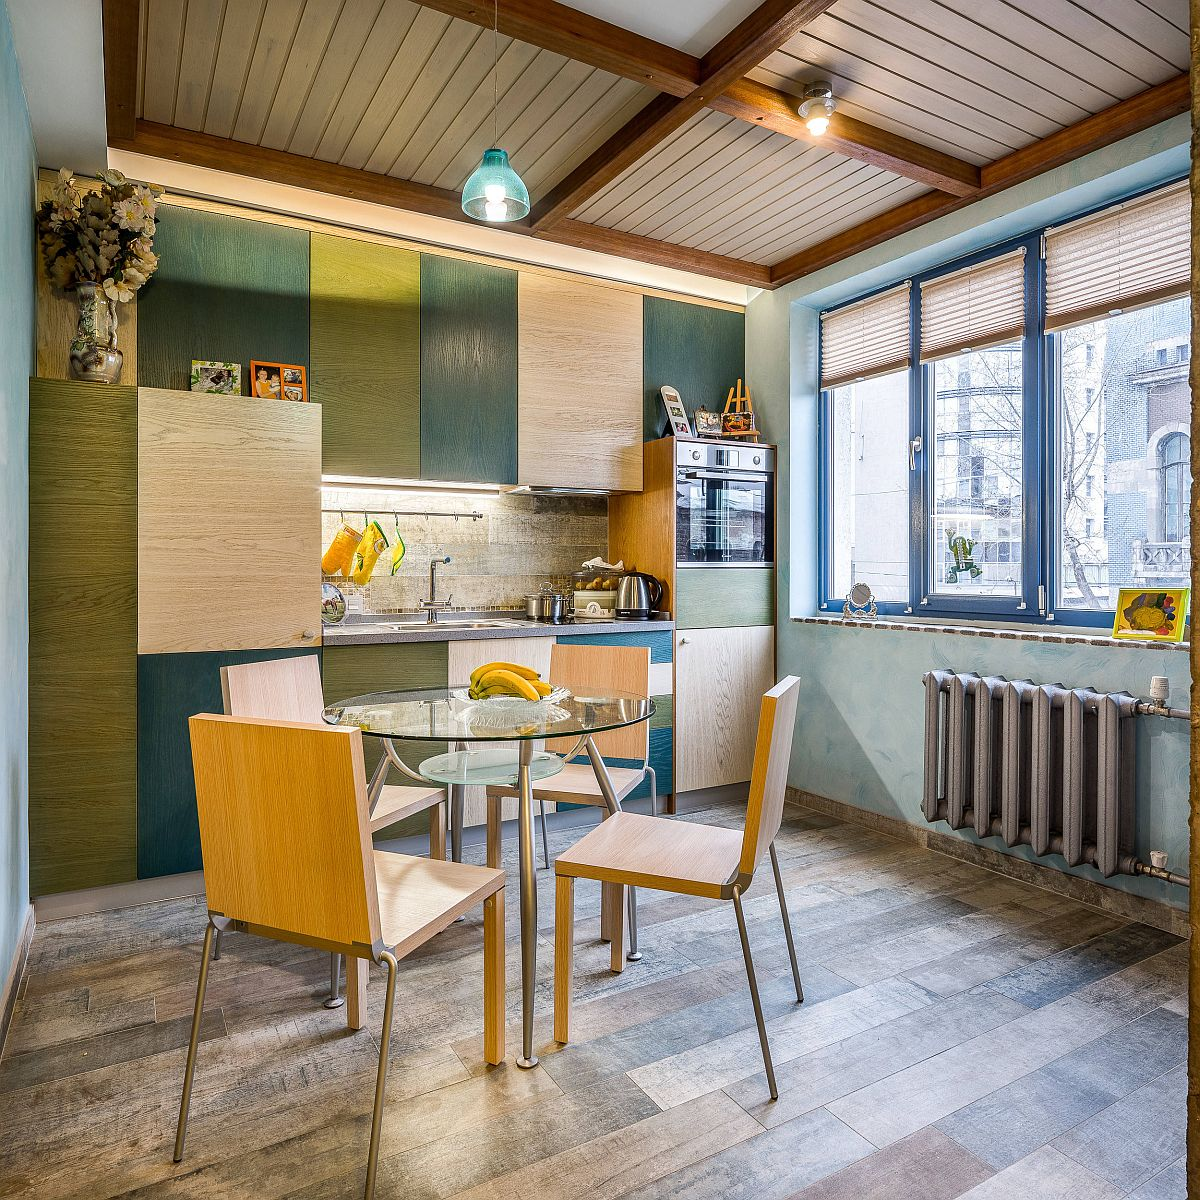 Ngắm những căn bếp nhỏ đầy màu sắc, đẹp đến mức làm xiêu lòng bất cứ ai - Ảnh 8.